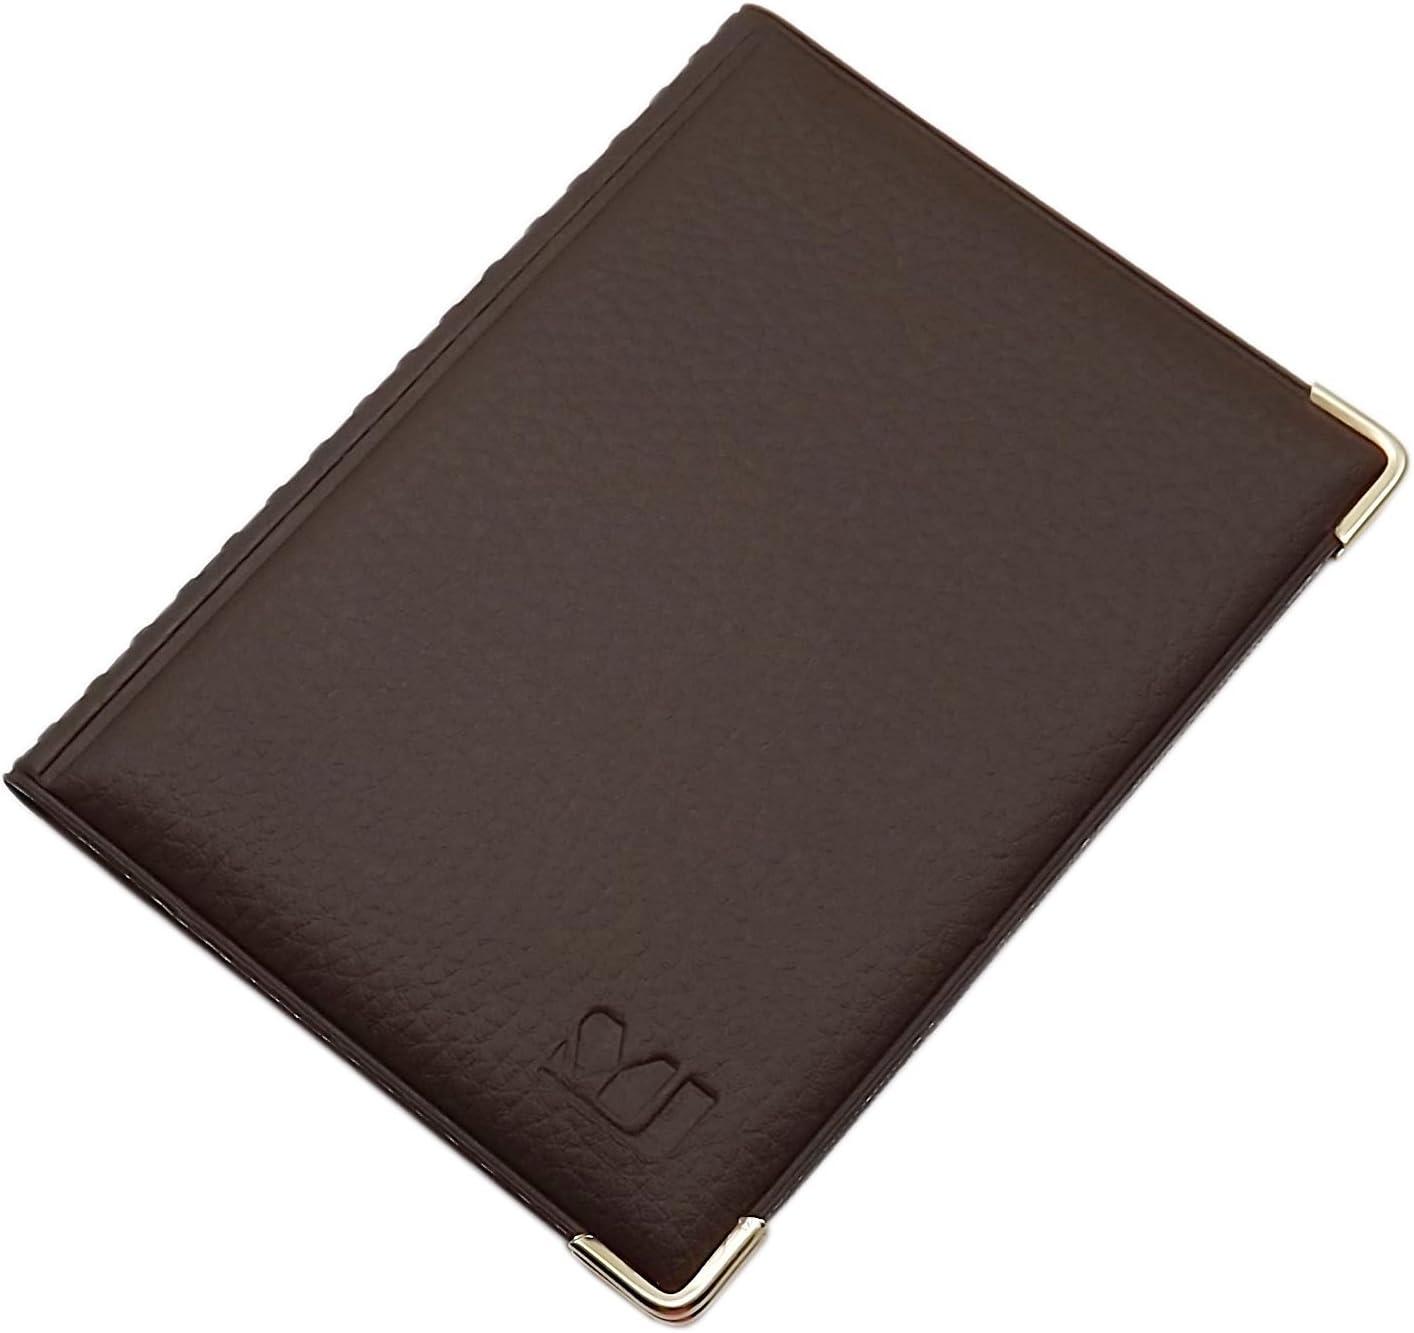 D/ésign 1 // Noir Exclusive Pochette de Carte didentit/é et Porte Carte de cr/édit 12 Compartiments MJ-Design-Germany Made in UE en diverses Couleurs et Designs